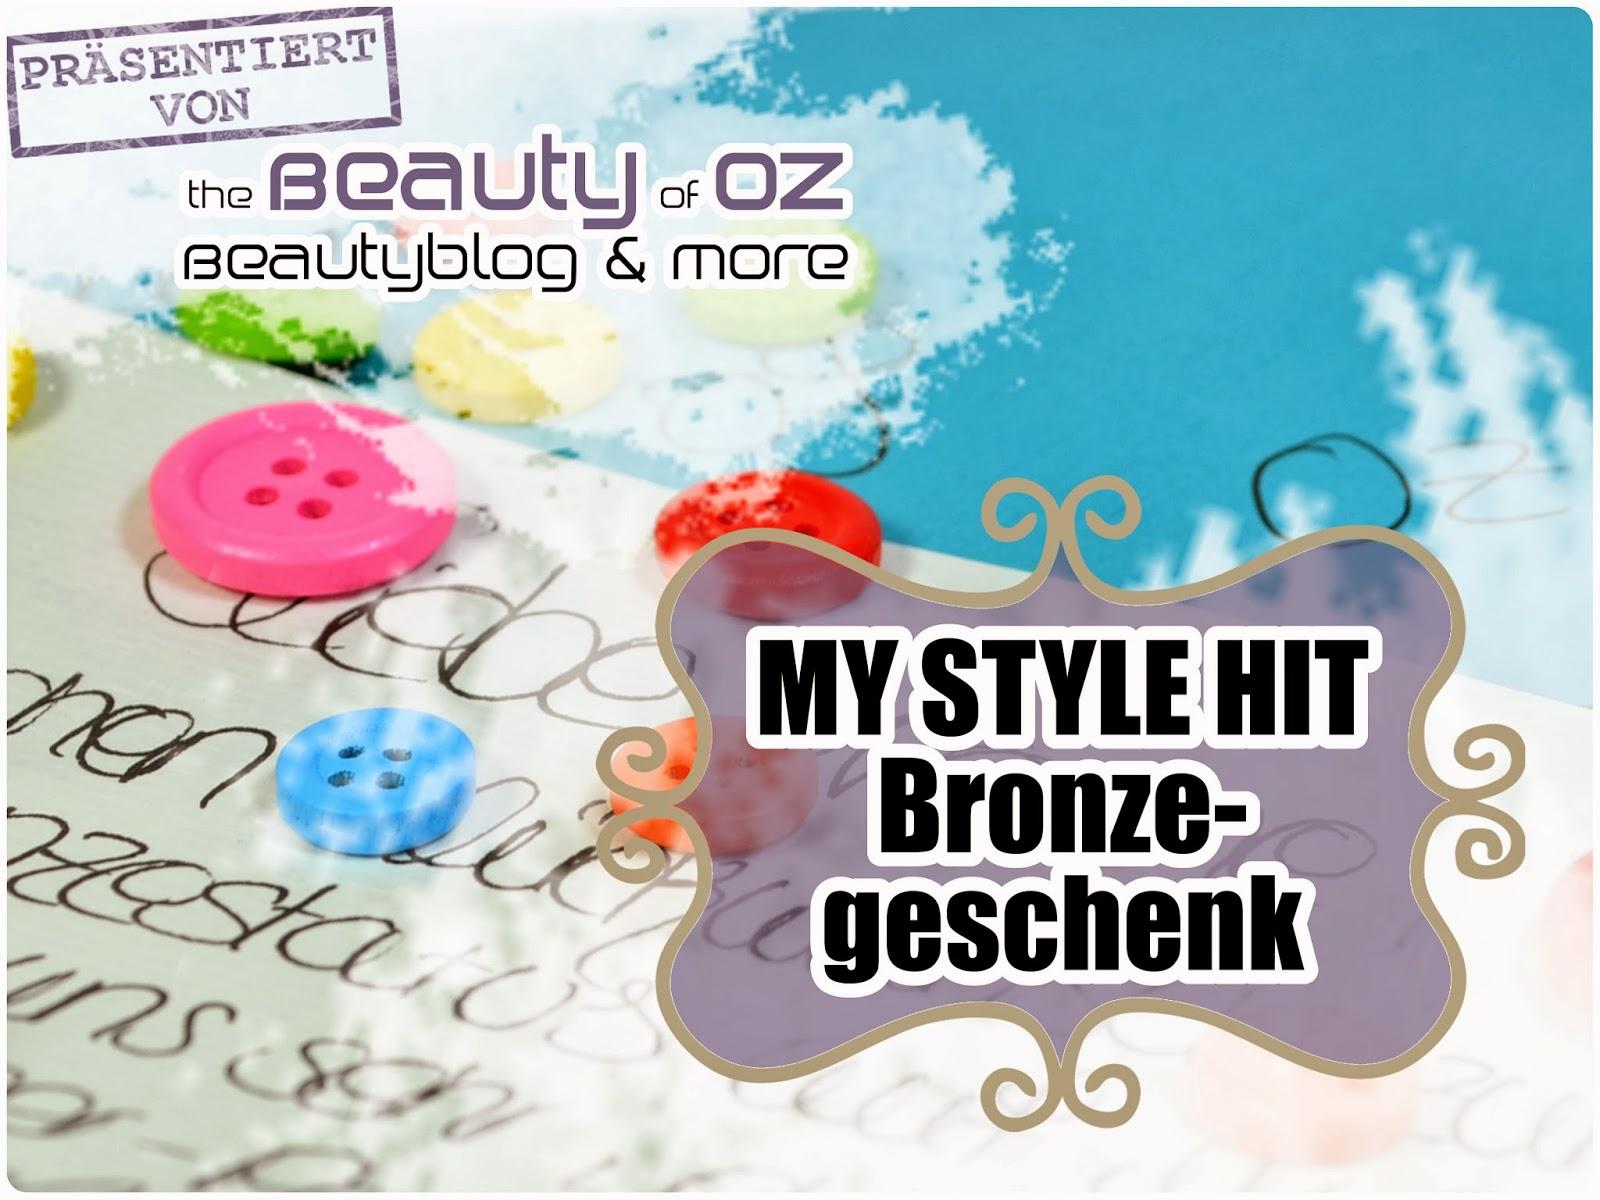 My Style Hit Bronzegeschenk